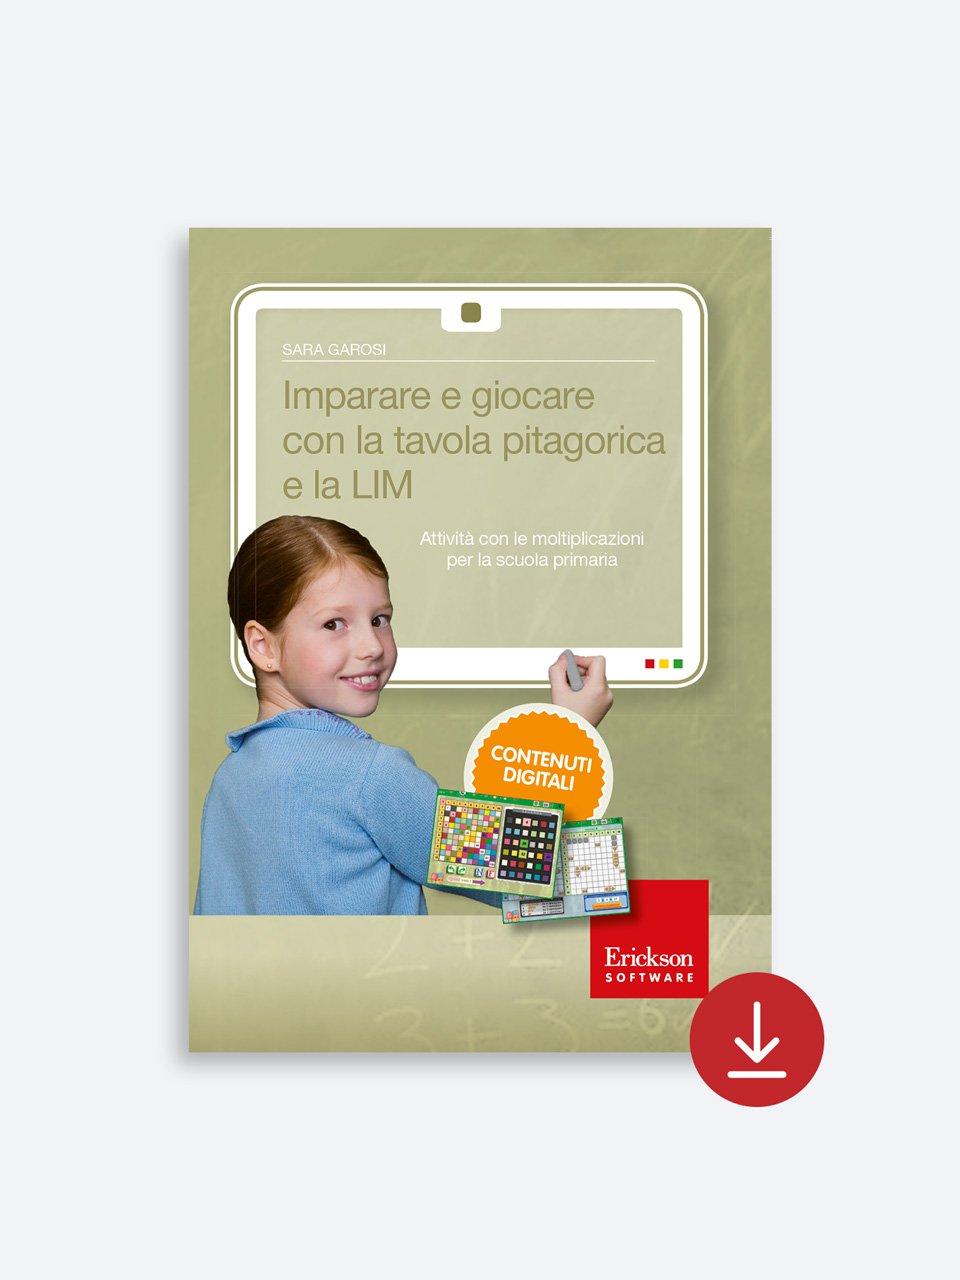 Imparare e giocare con la tavola pitagorica e la LIM - App e software per Scuola, Autismo, Dislessia e DSA - Erickson 2